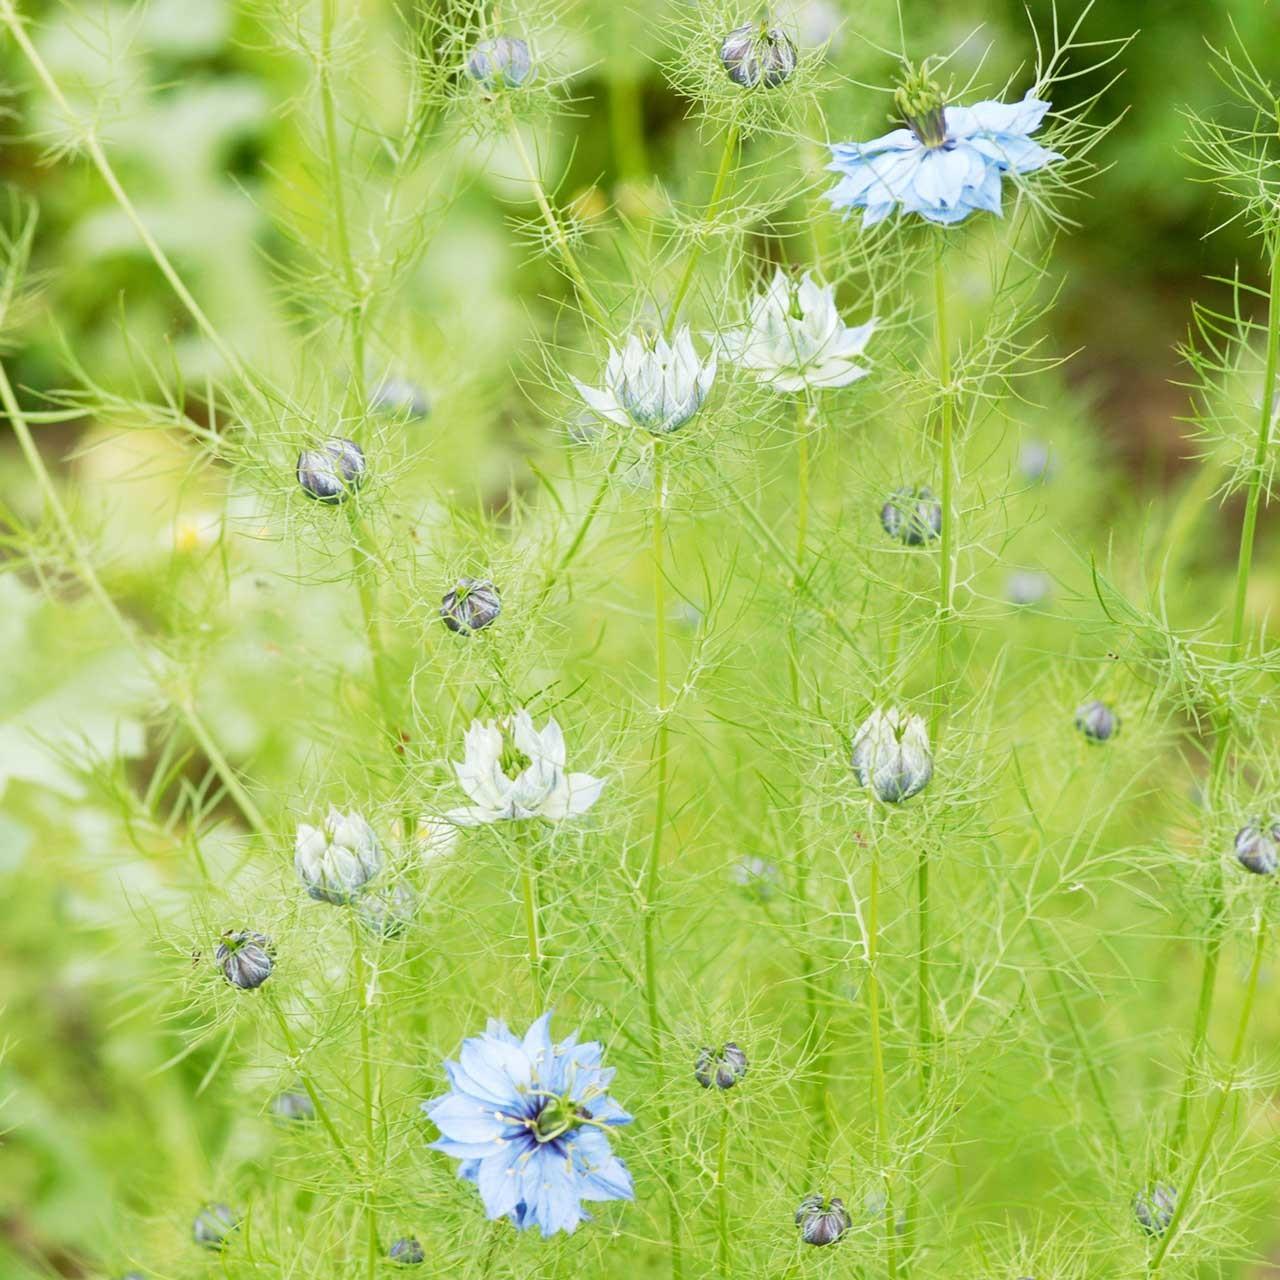 Michèle Cros cultive certaines plantes dans son jardin aux portes de son atelier, et pratique avec respect la cueillette de plantes sauvages dans des lieux préservés.